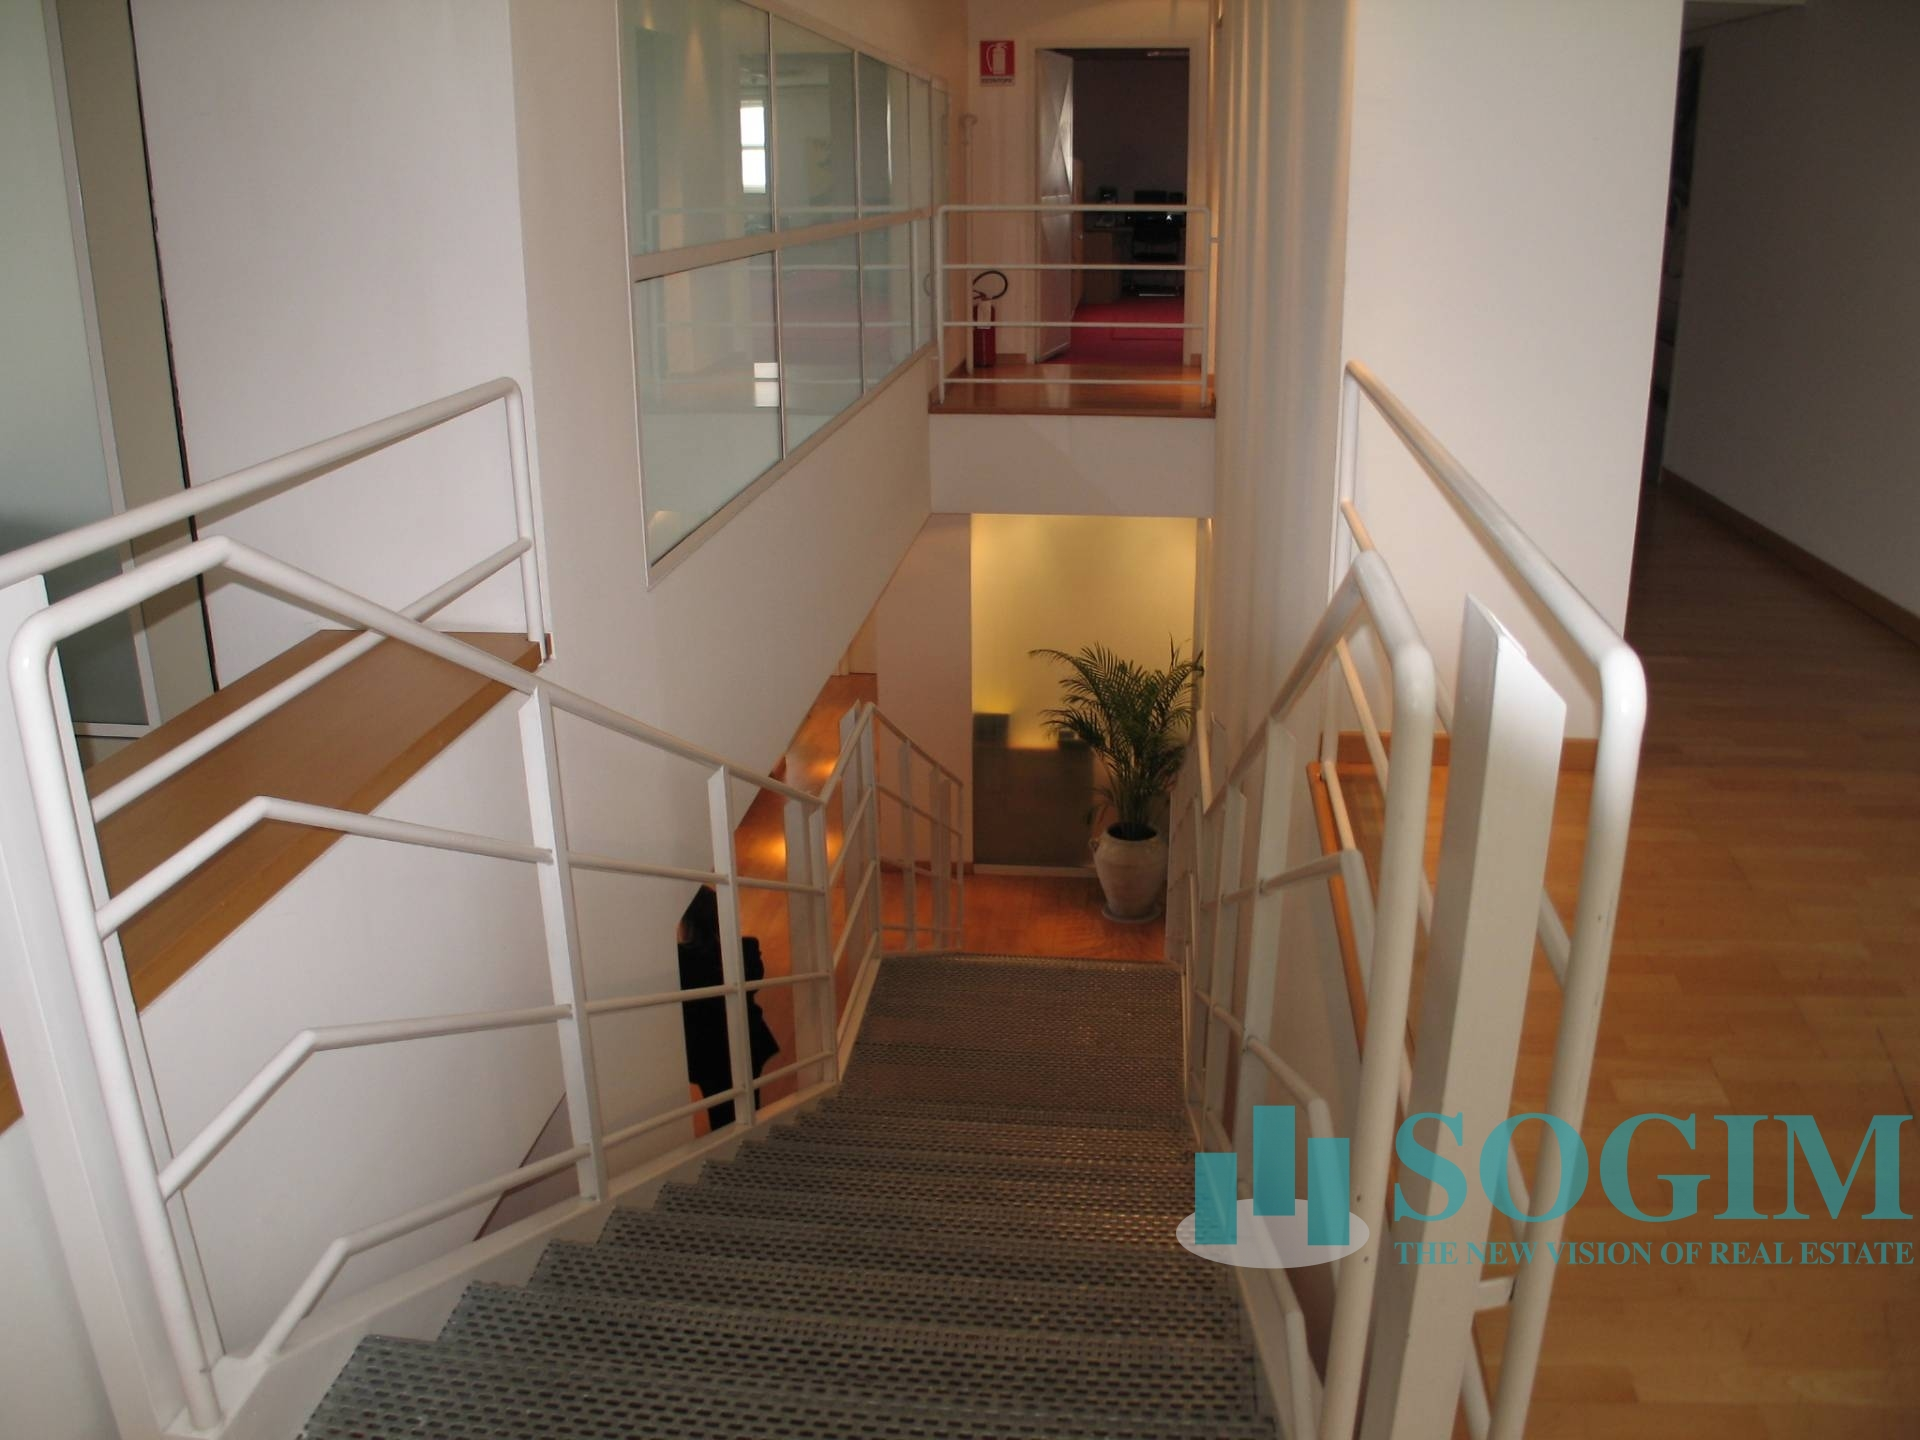 Immobile Commerciale in Vendita a Corsico  rif. 8879